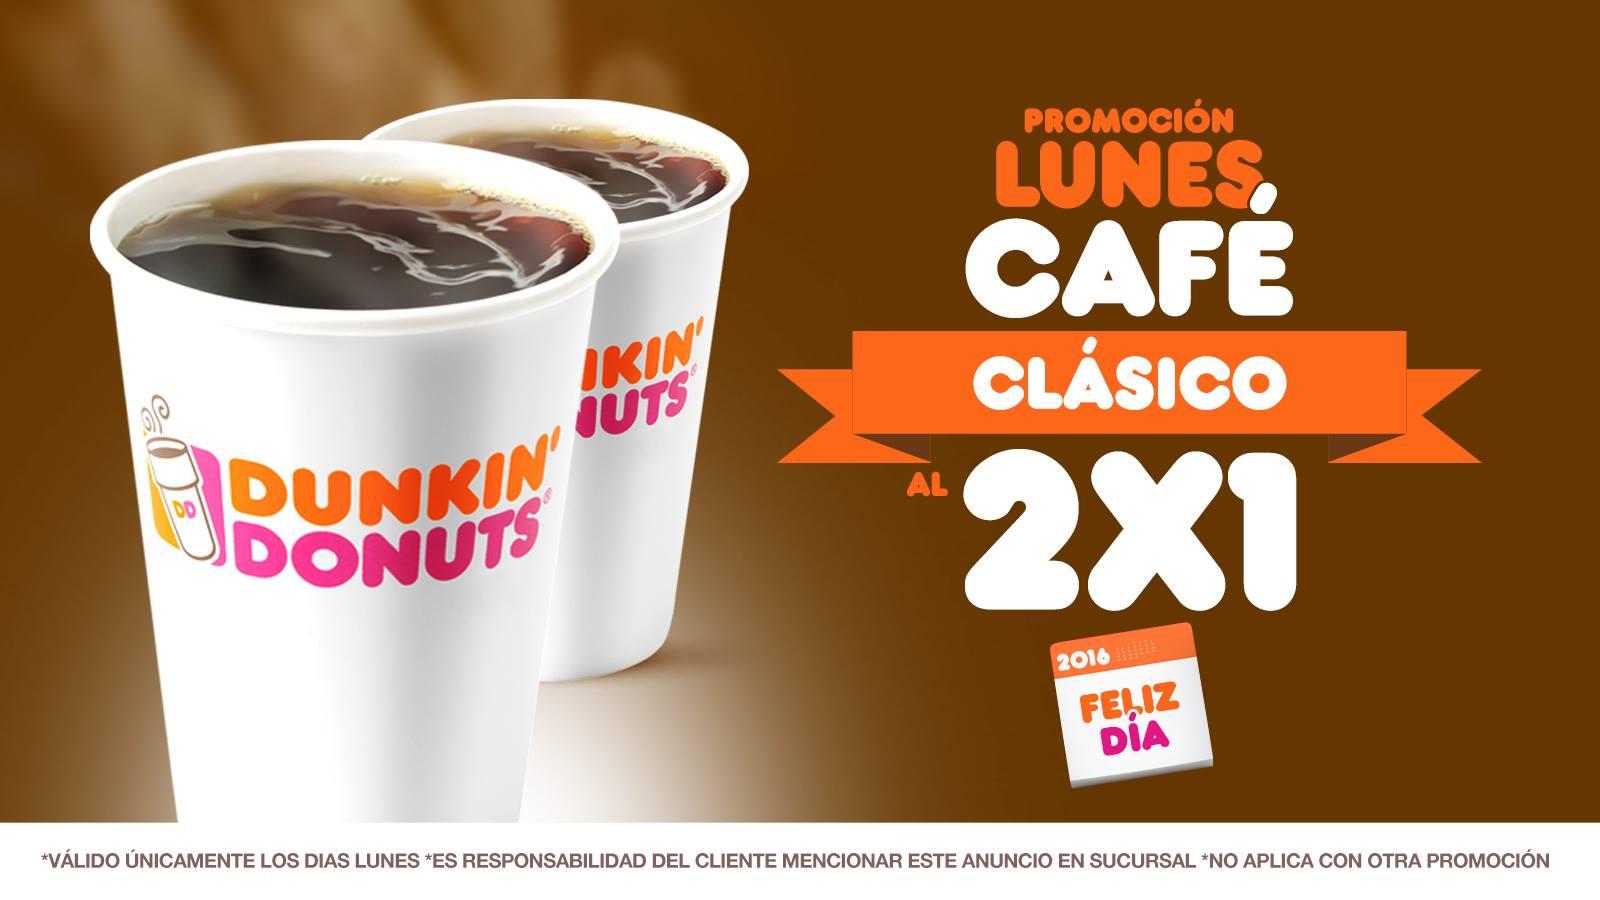 Dunkin Donuts: lunes 2x1 en café clásico